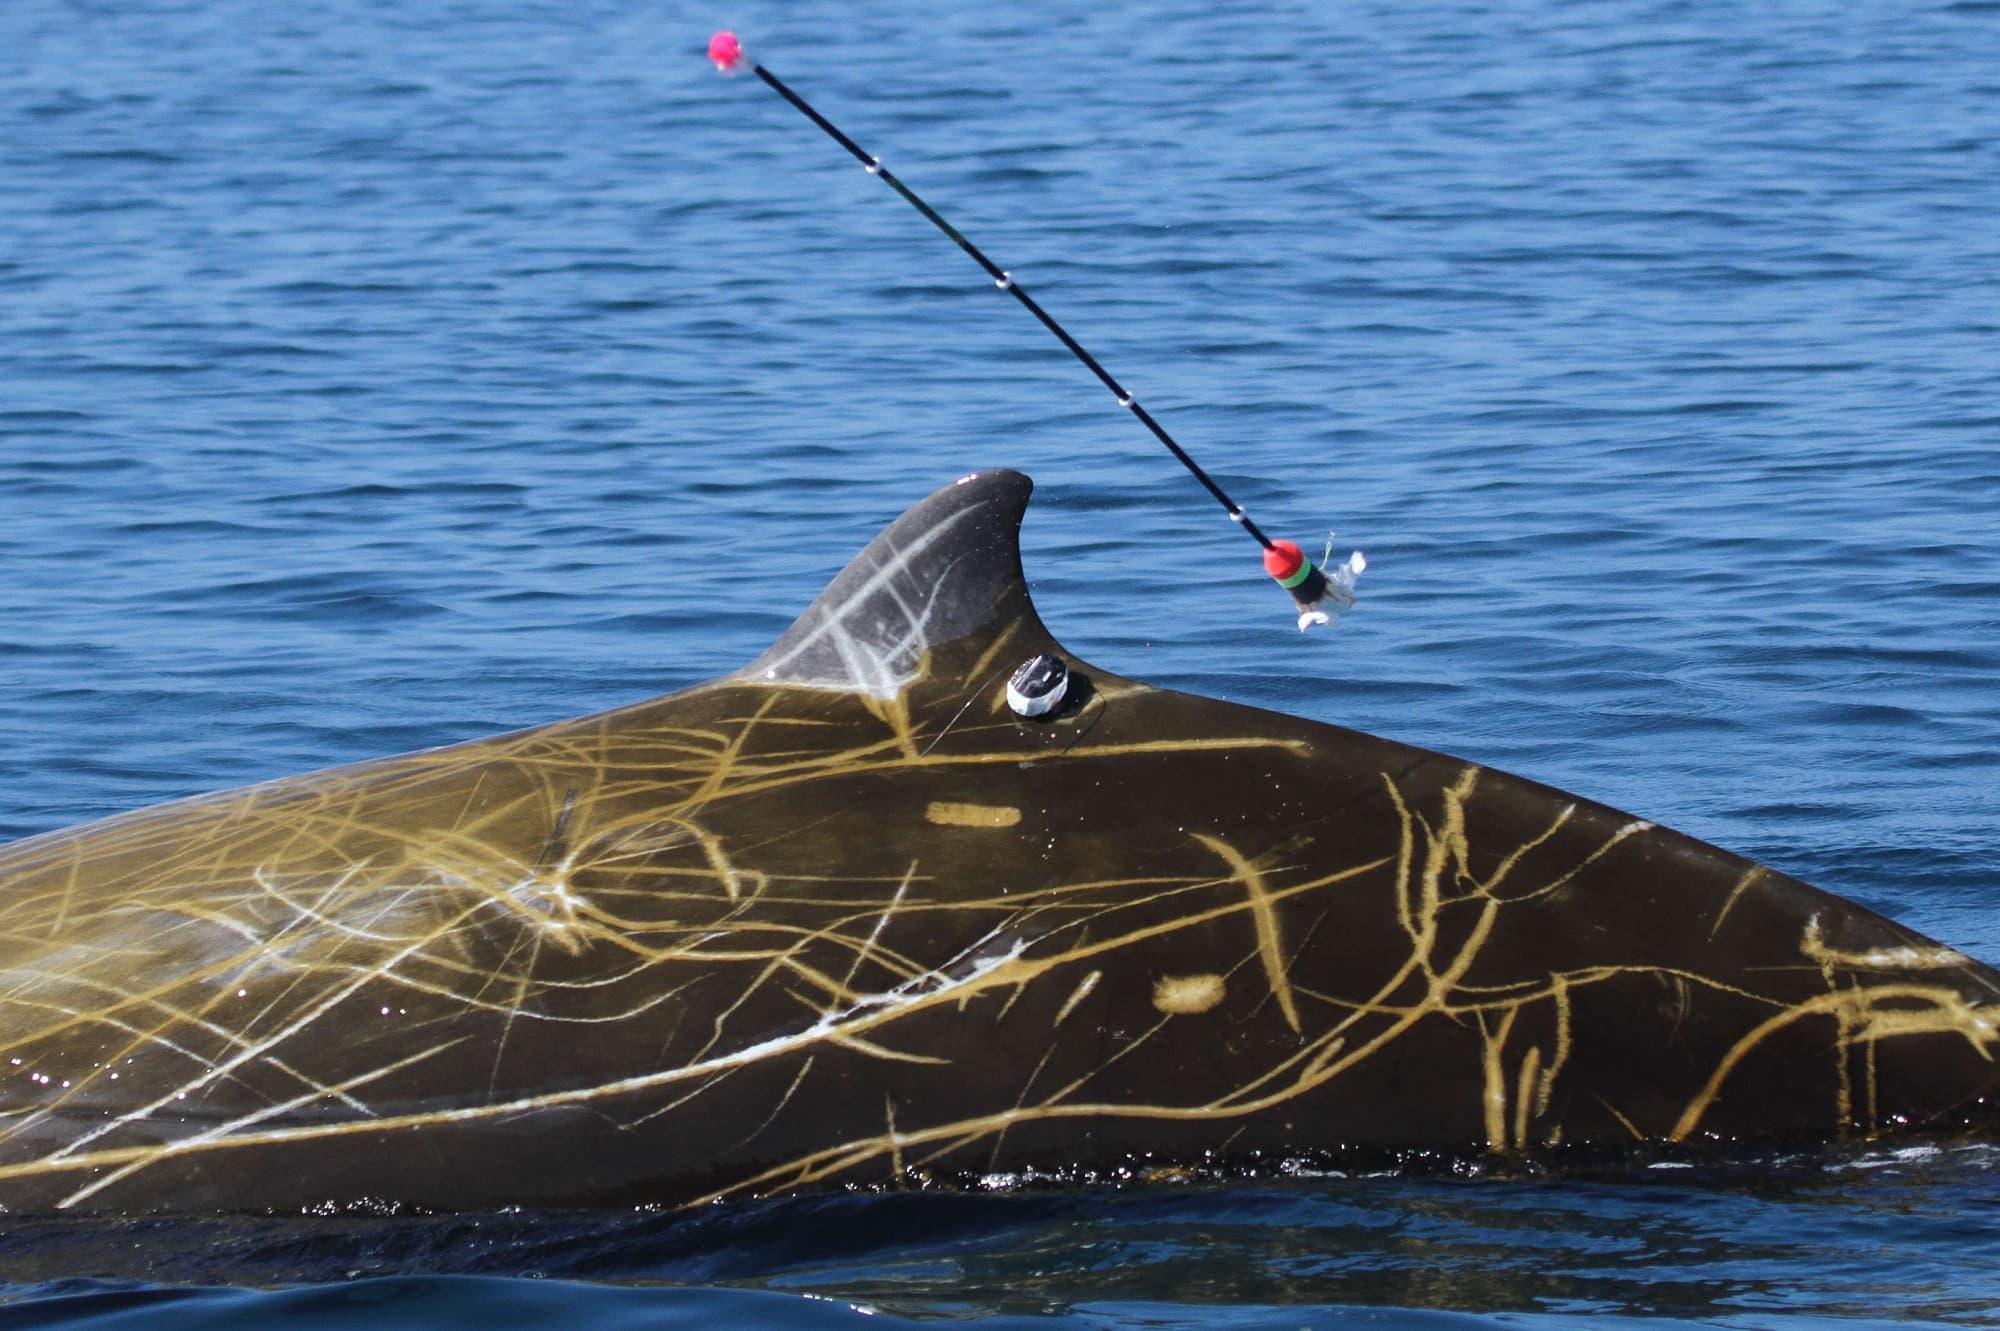 Meeressäuger: 10 faszinierende Fakten über Wale - Spektrum der ...